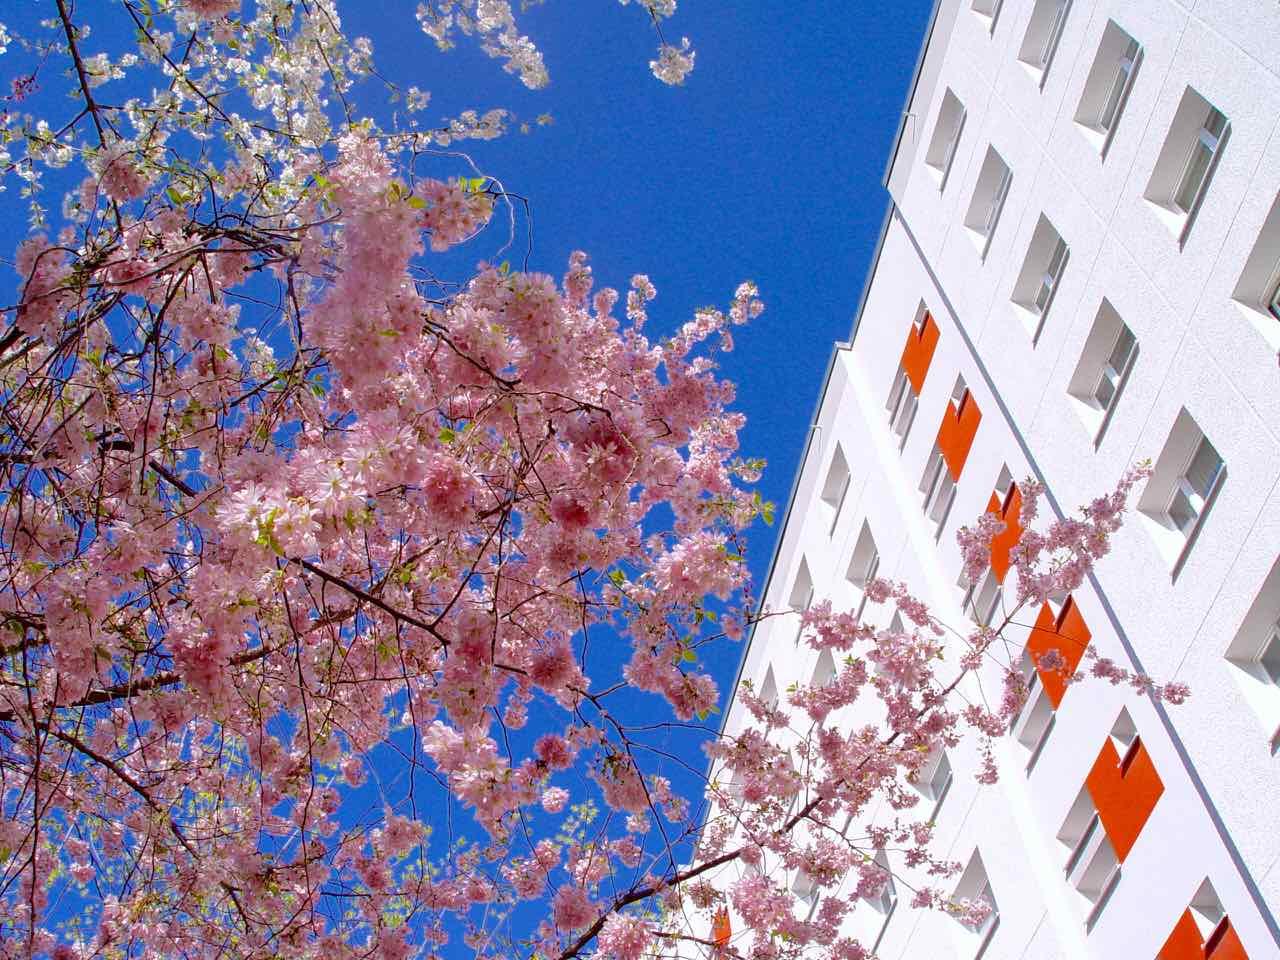 Kirschblüte im Innenhof am Spittelmarkt - Foto: arts4PR by Thomas J. Jandke